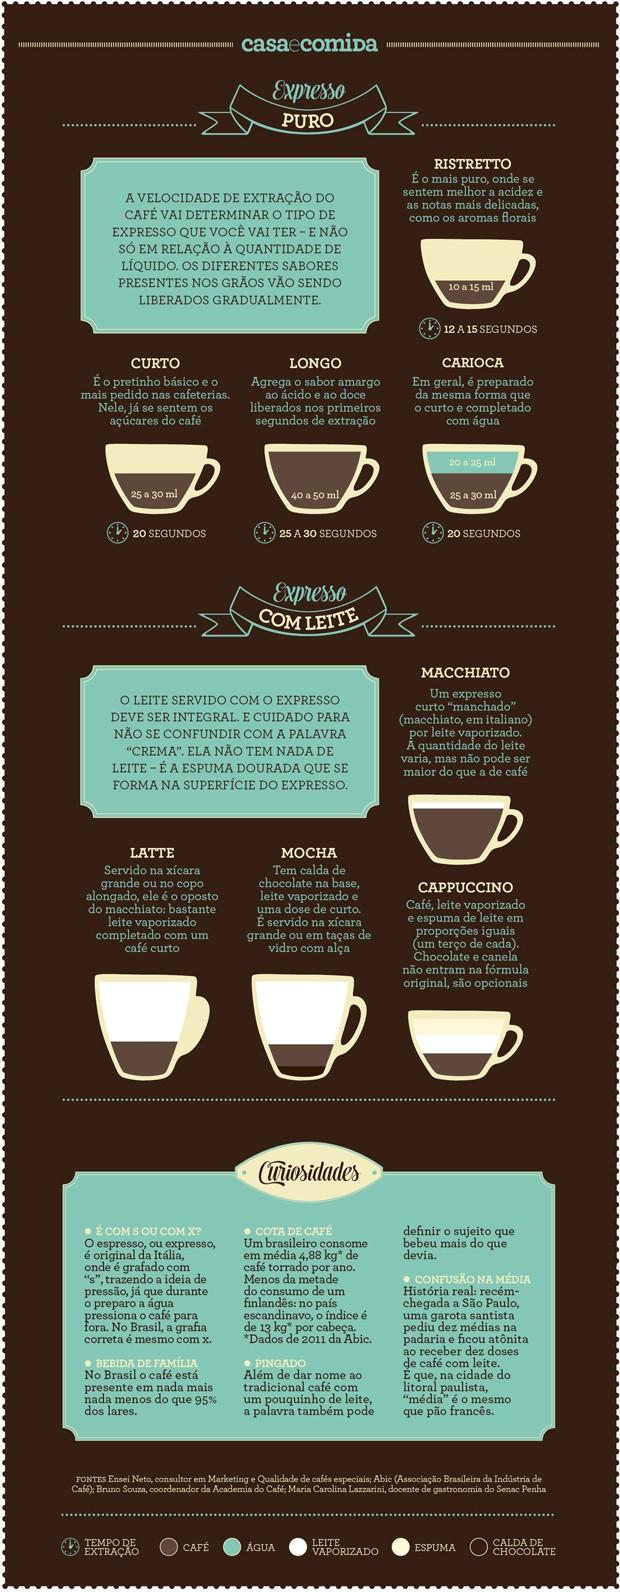 Aceita um cafezinho? Um guia do expresso